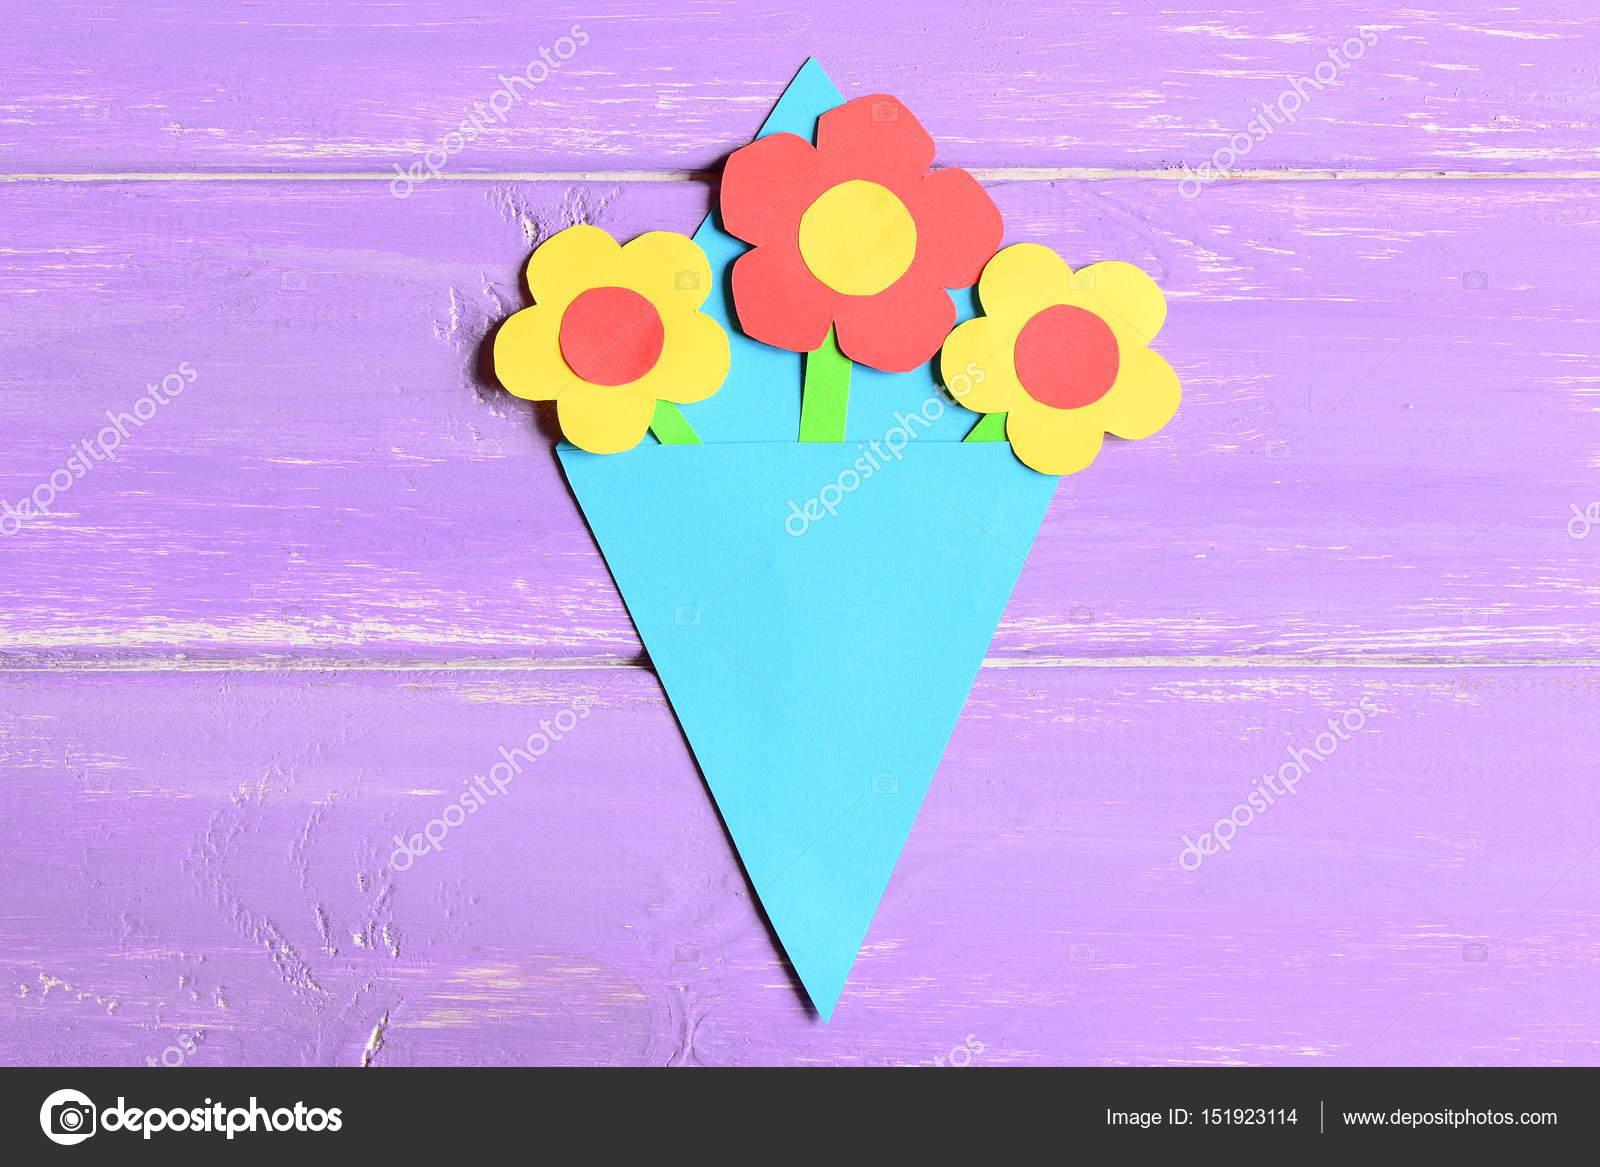 Kağıt Yapma El Sanatları Annenin Gün Veya Doğum Günü Için çiçek